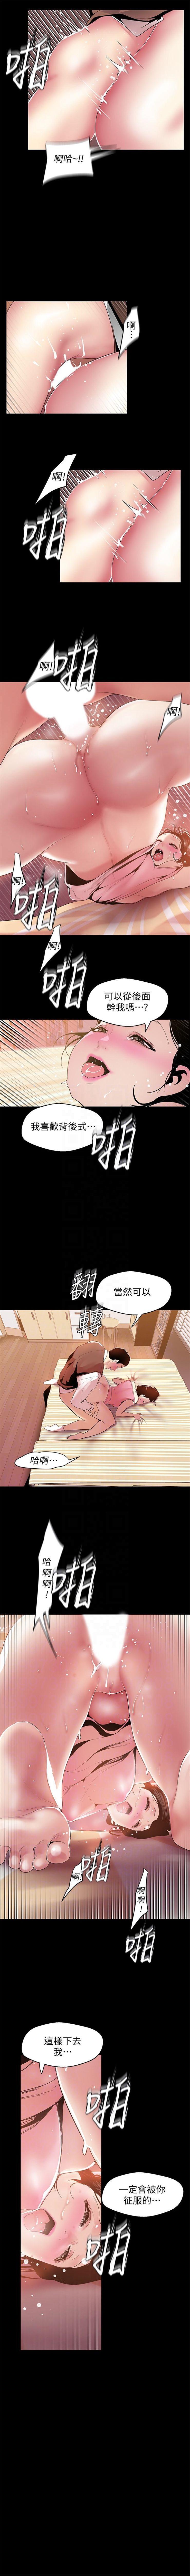 (周6)美丽新世界 1-61 中文翻译 (更新中) 394